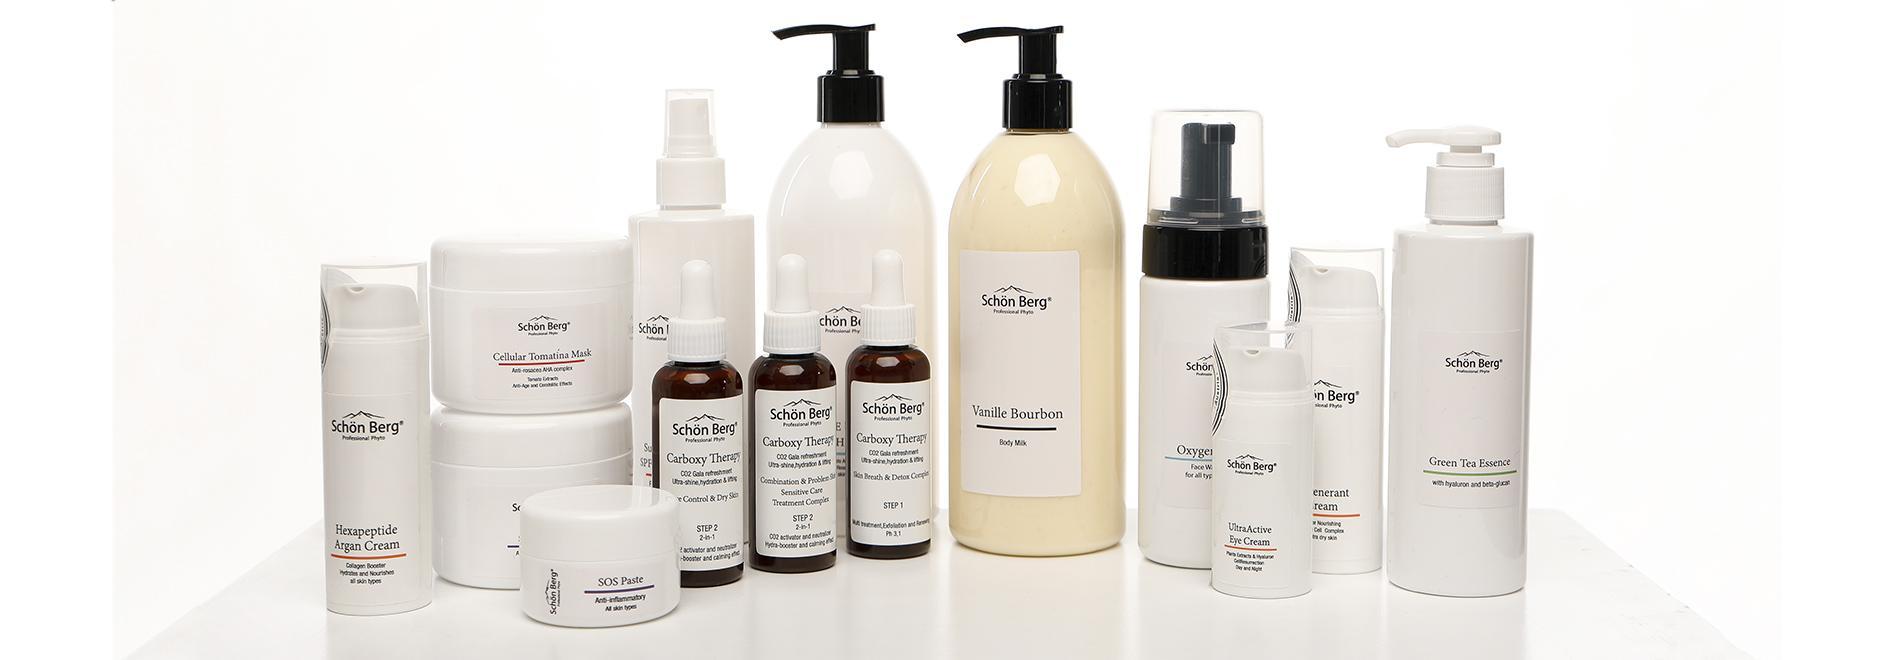 Преимущество кремов beauty spa. Косметика Schon Berg